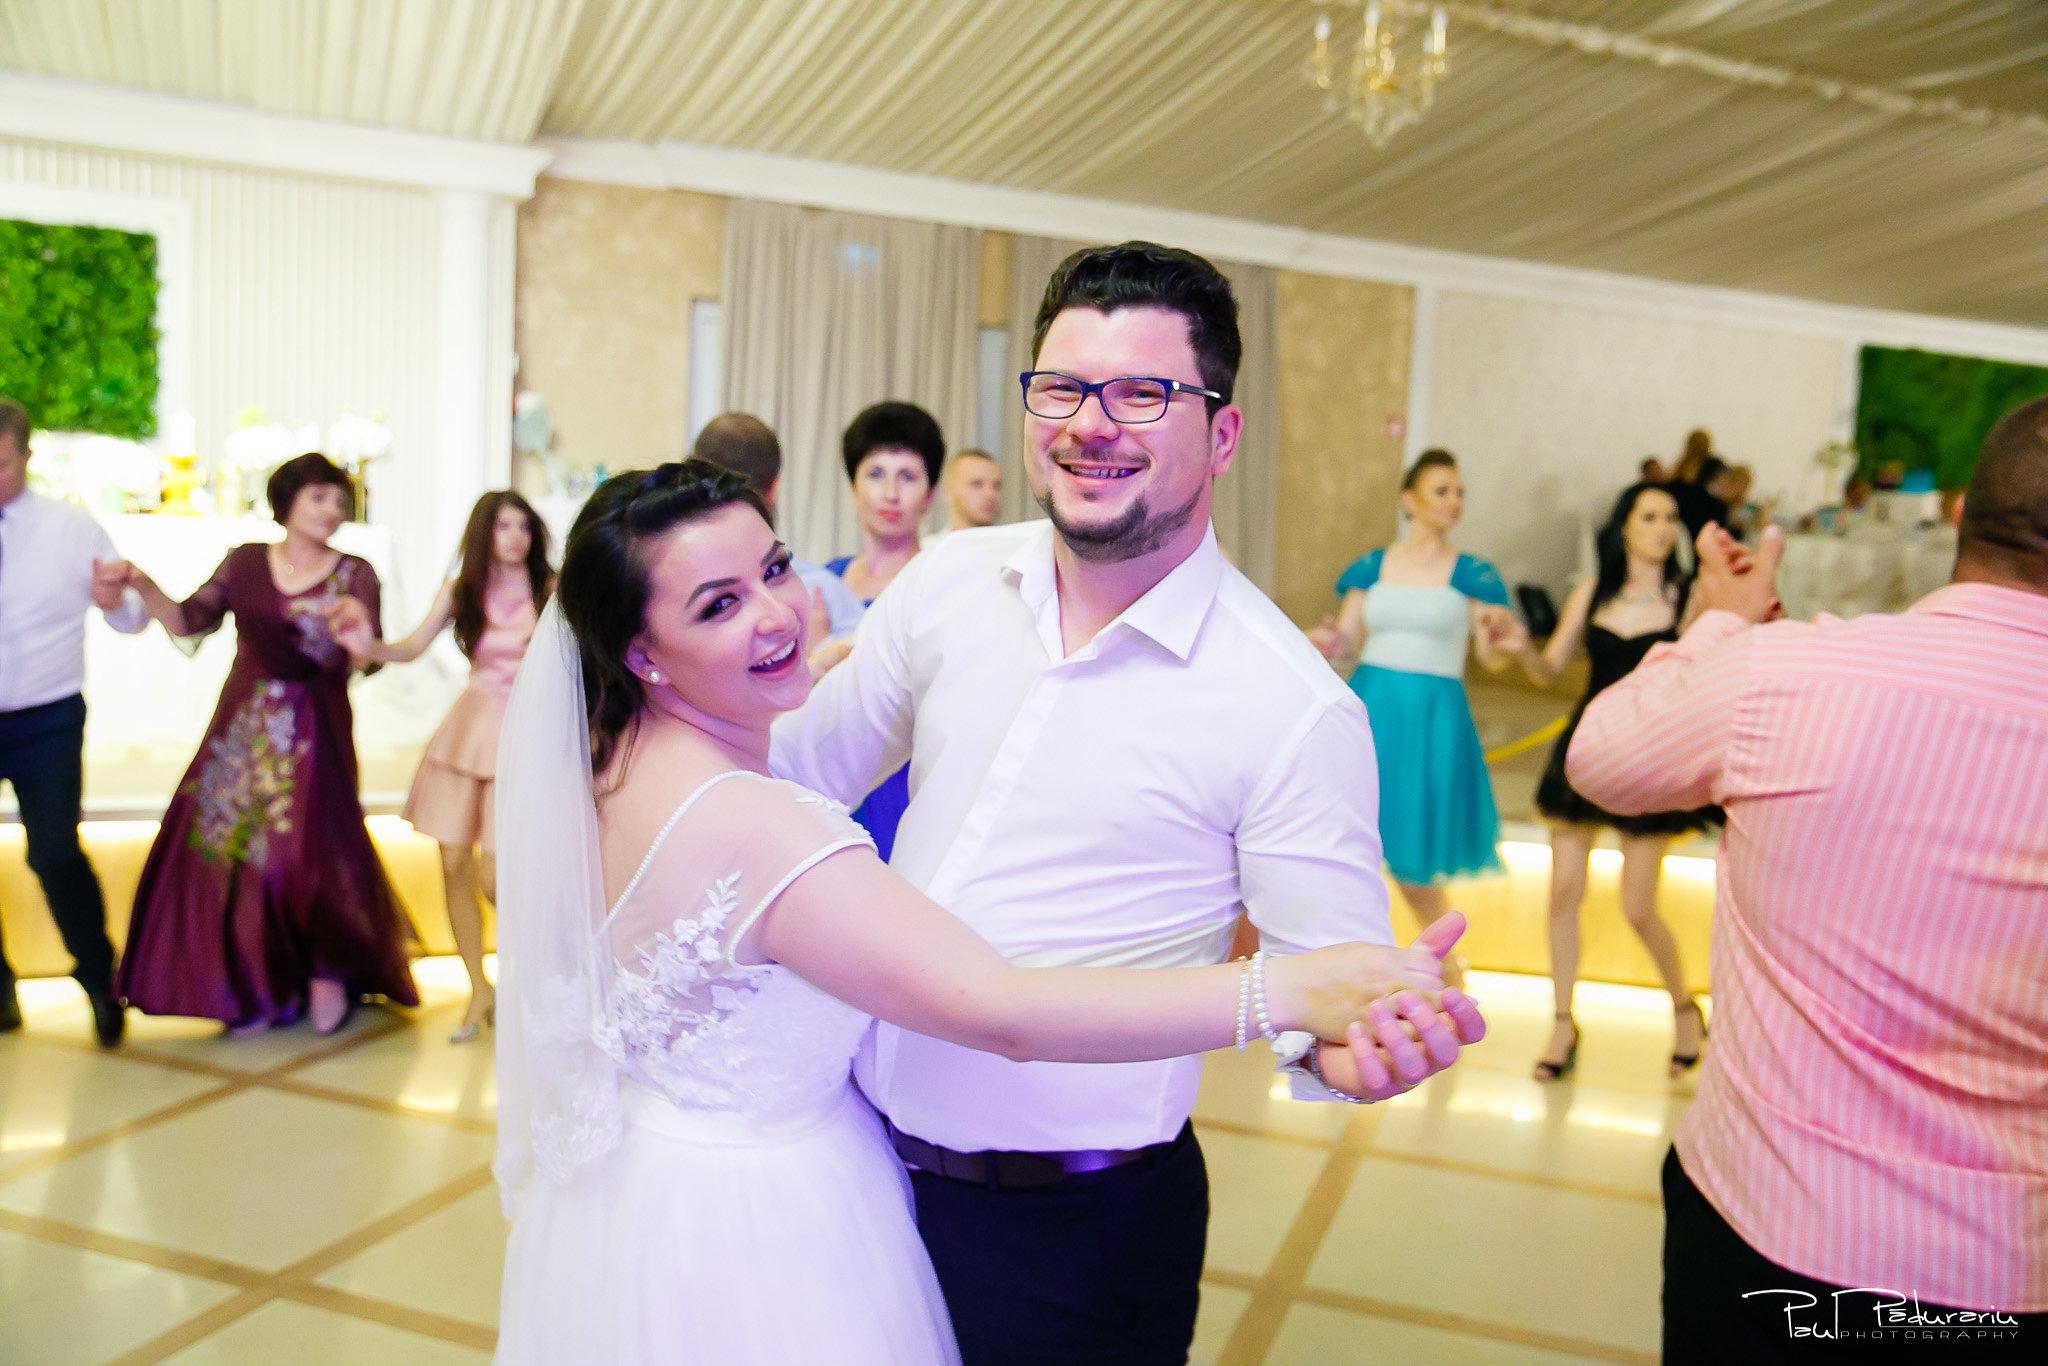 Nunta la Castel Iasi Ana-Maria si Marius fotograf profesionistwww.paulpadurariu.ro © 2018 Paul Padurariu 8